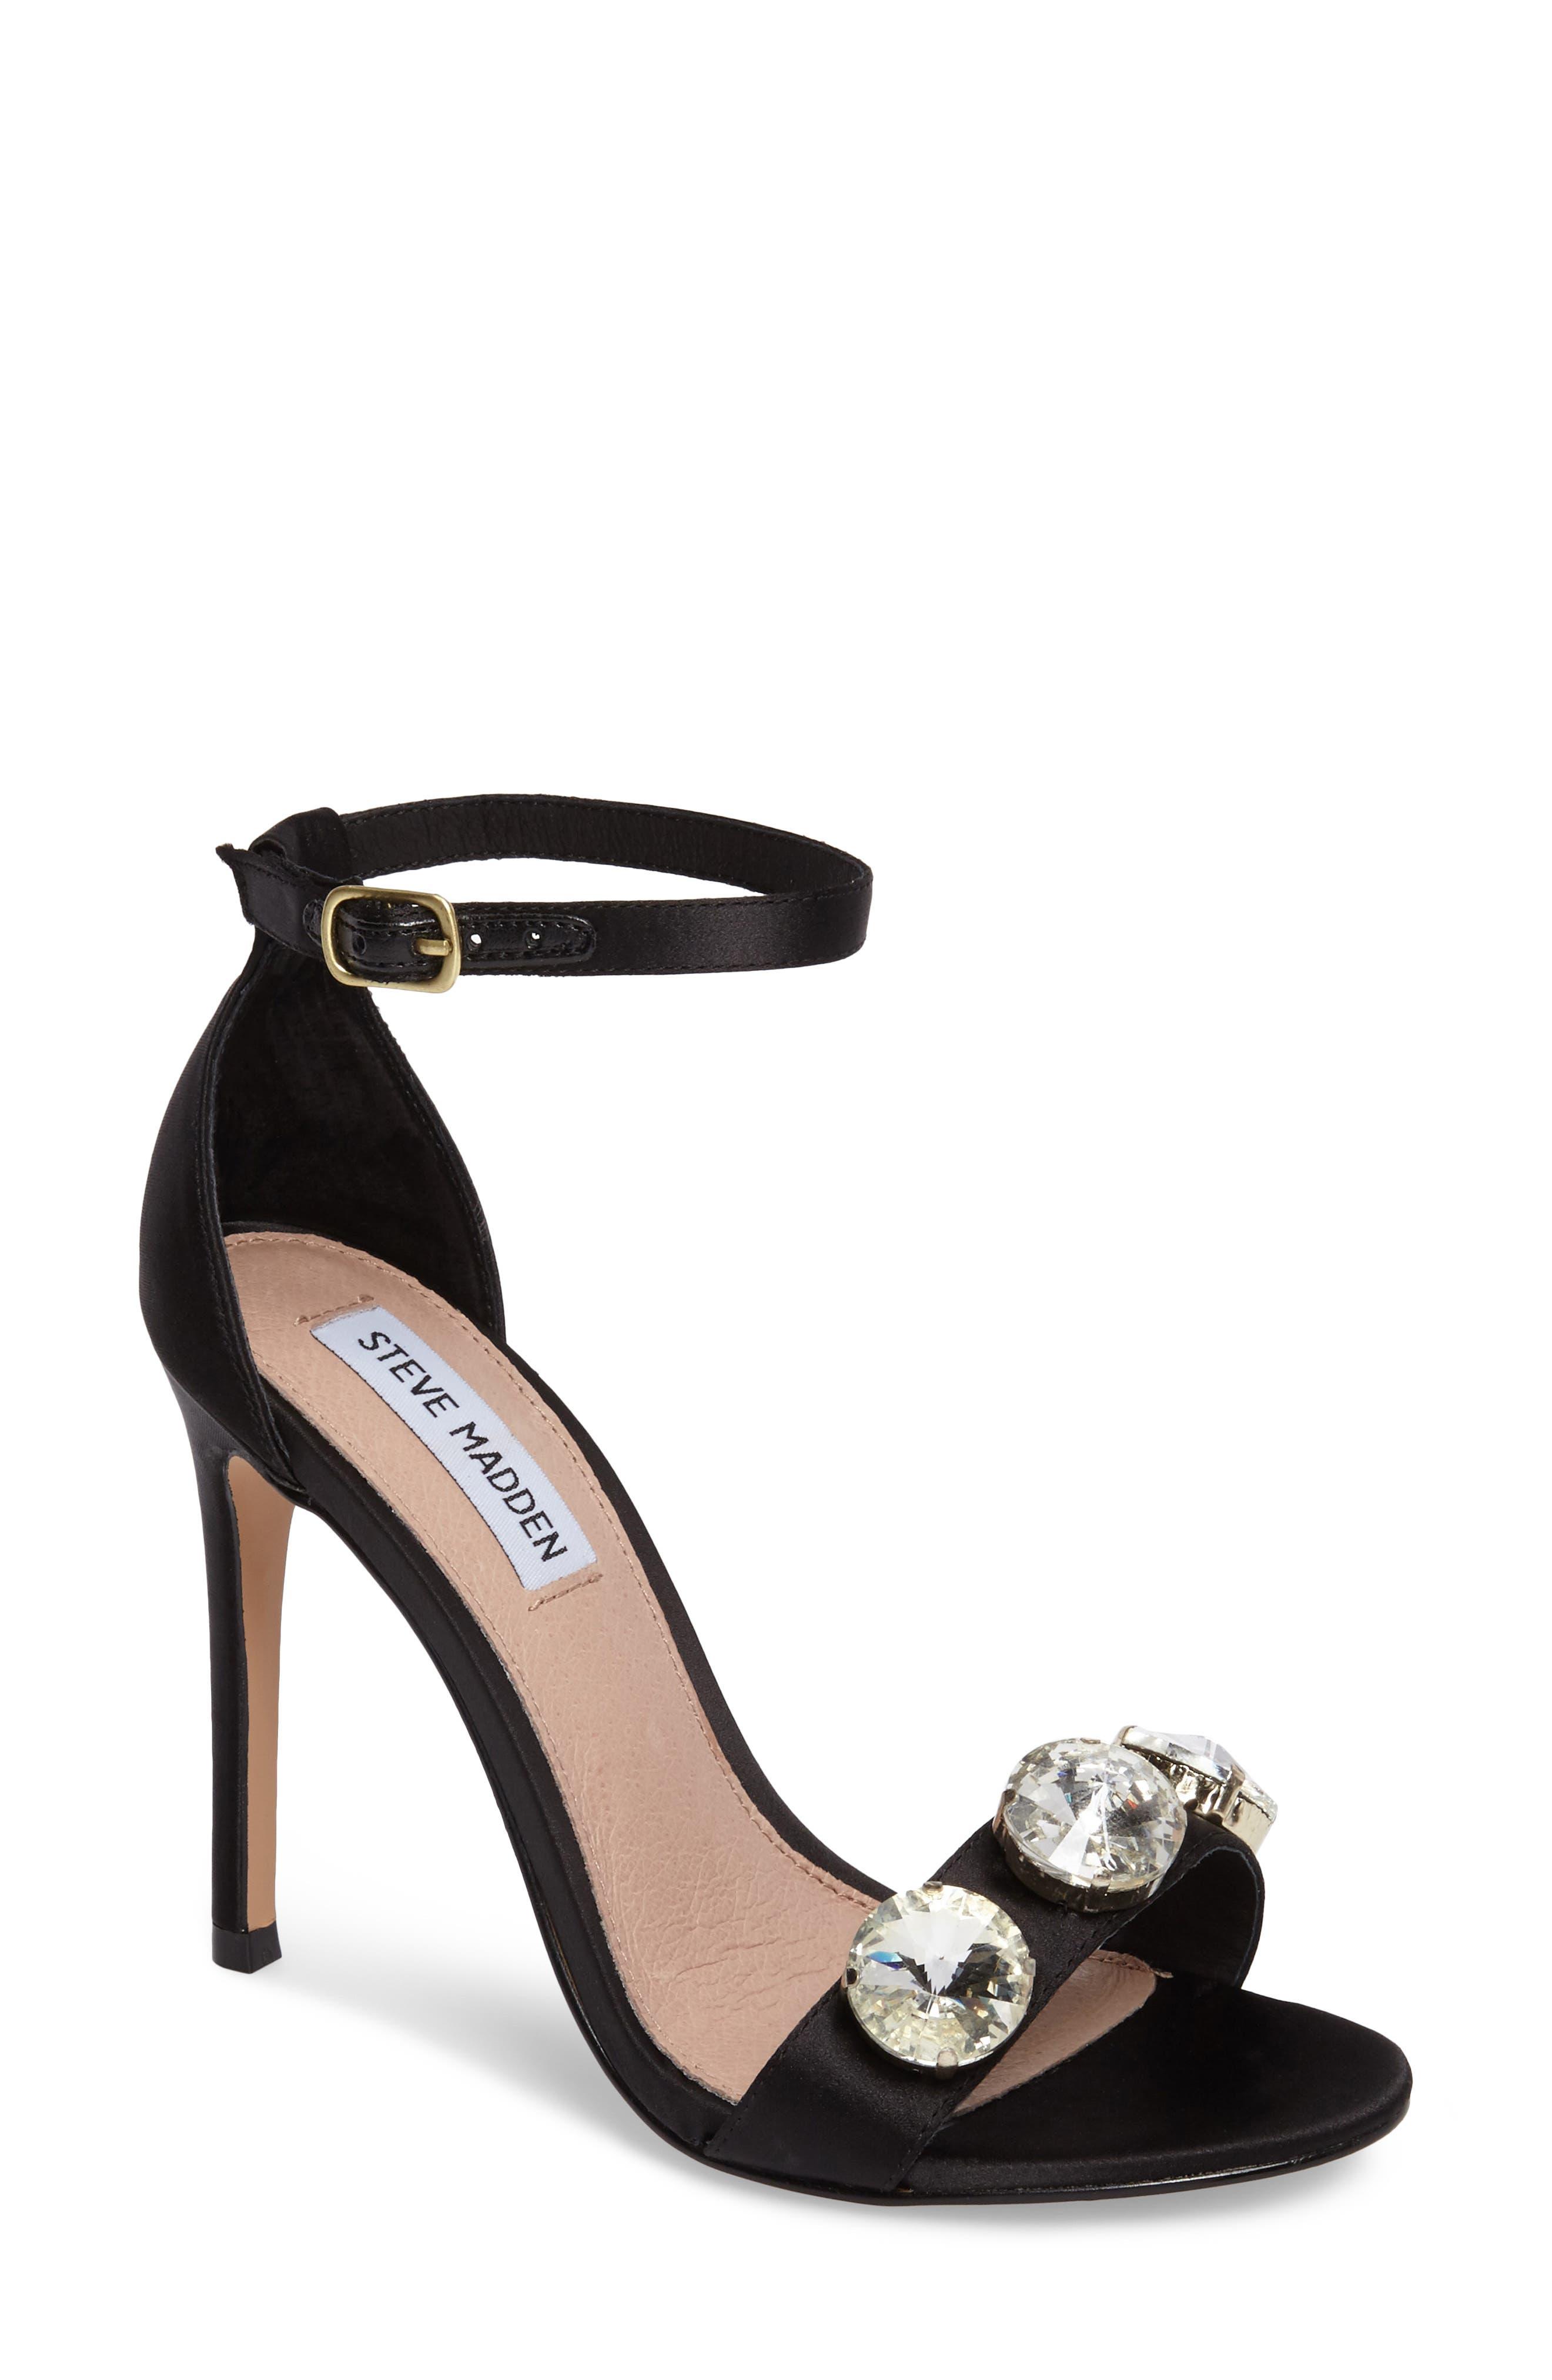 Alternate Image 1 Selected - Steve Madden Fabulous Embellished Sandal (Women)